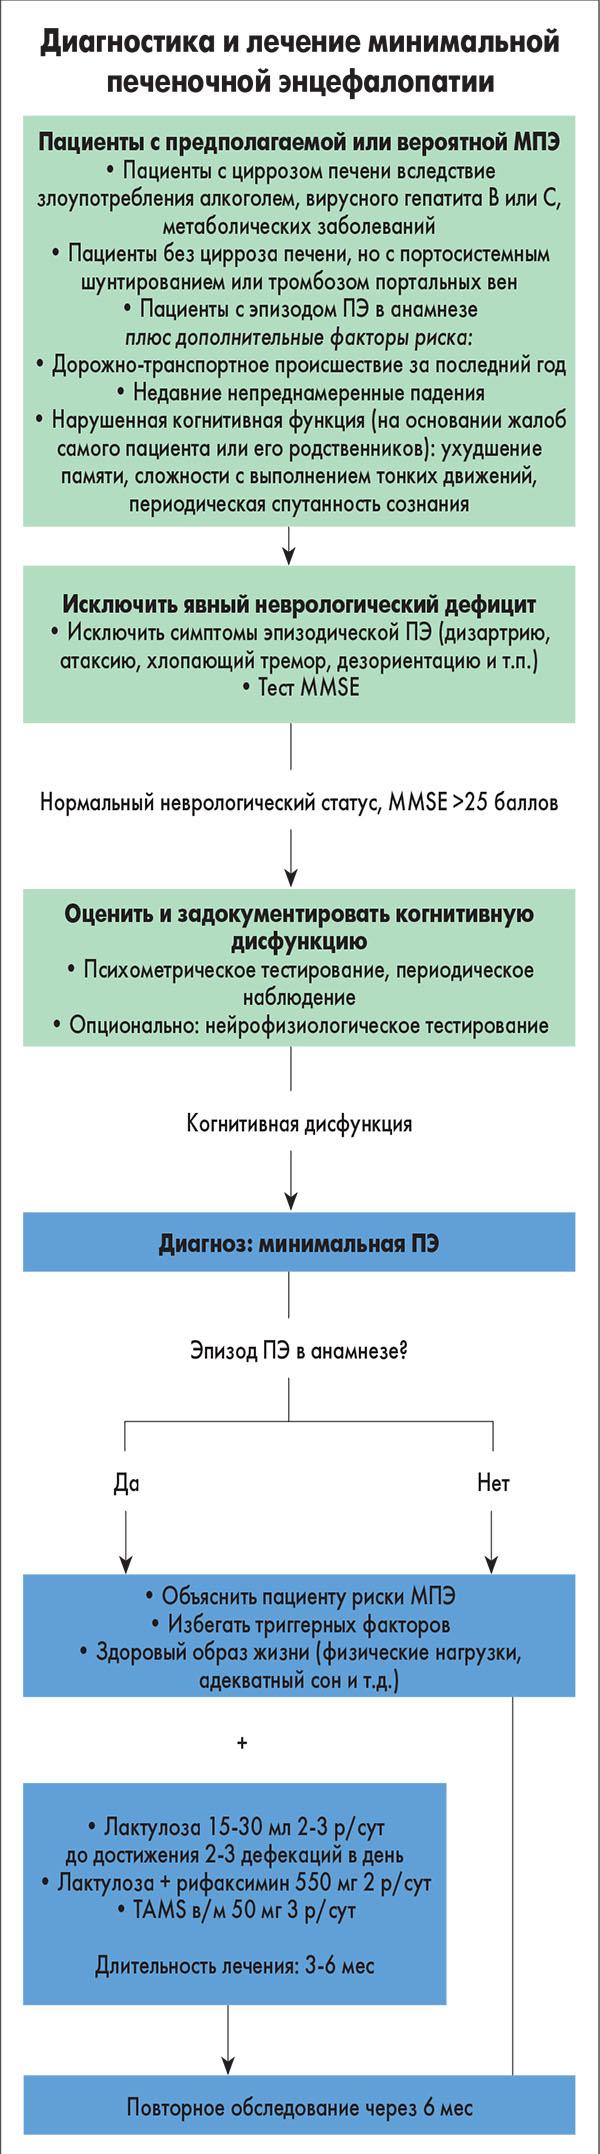 Исследование неврологического статуса схема